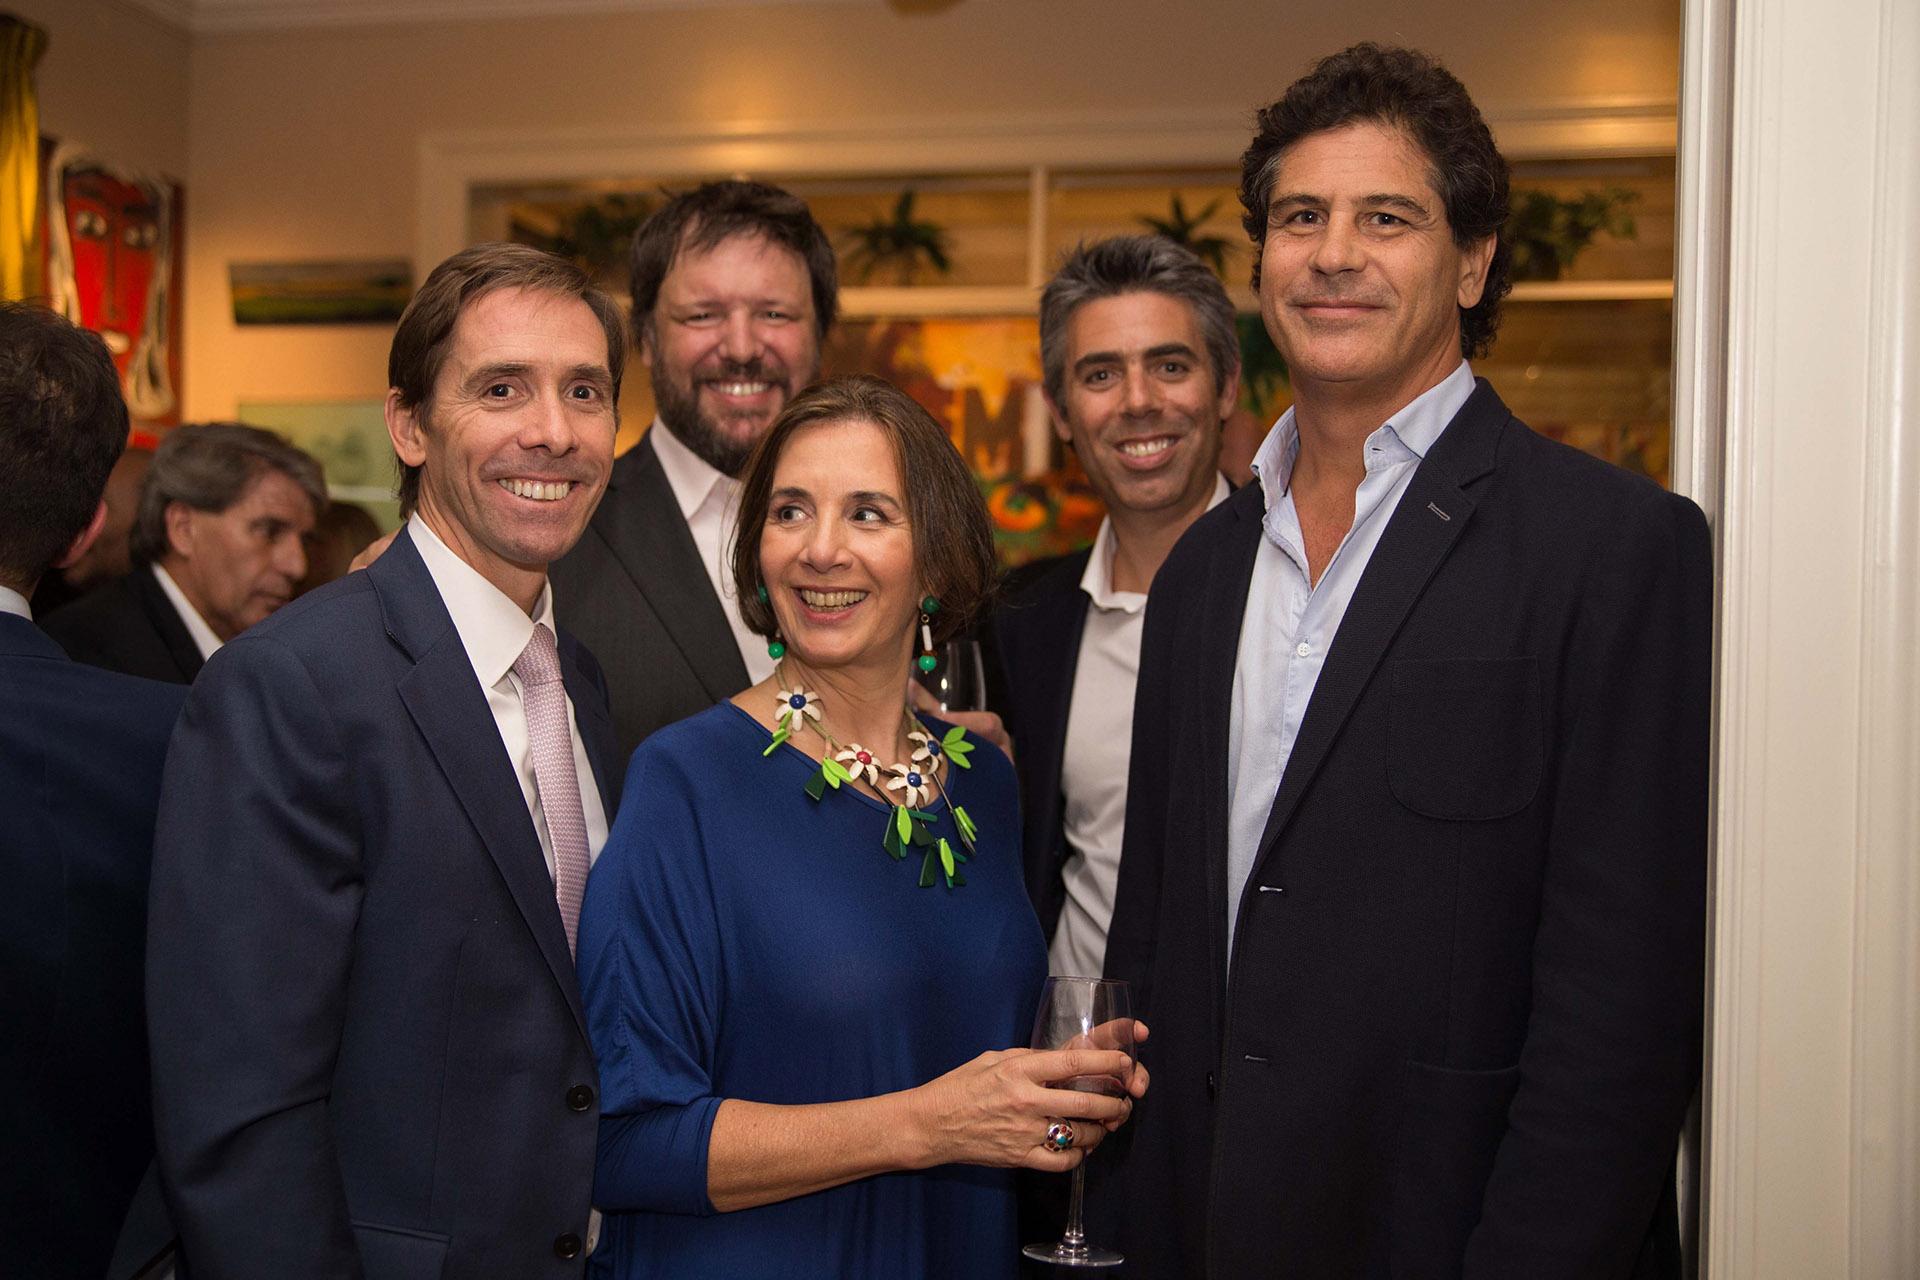 Matías Eliaschev, CEO de Lazard, y Mariano Lombardi, gerente general de Nestlé Waters